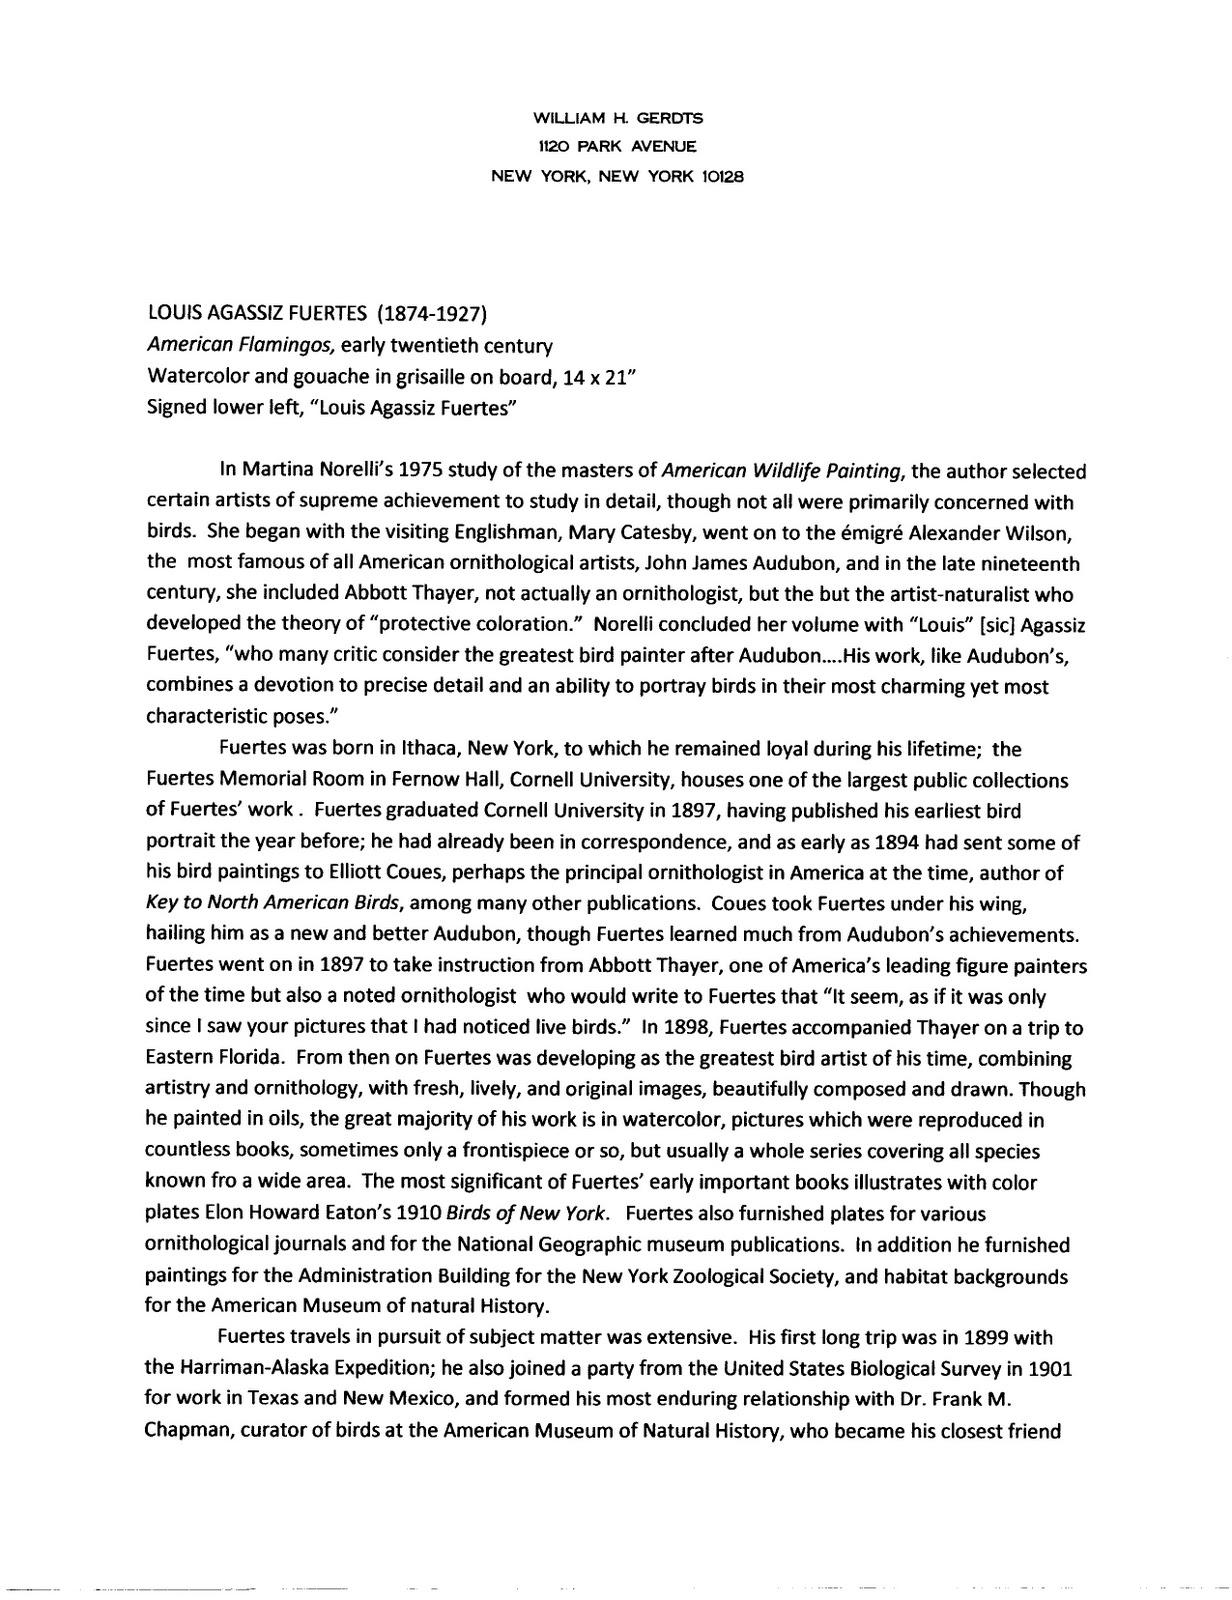 016 Comparative Essay Outline Fuertesamericanflamingos001 Singular Politics Research Paper Full